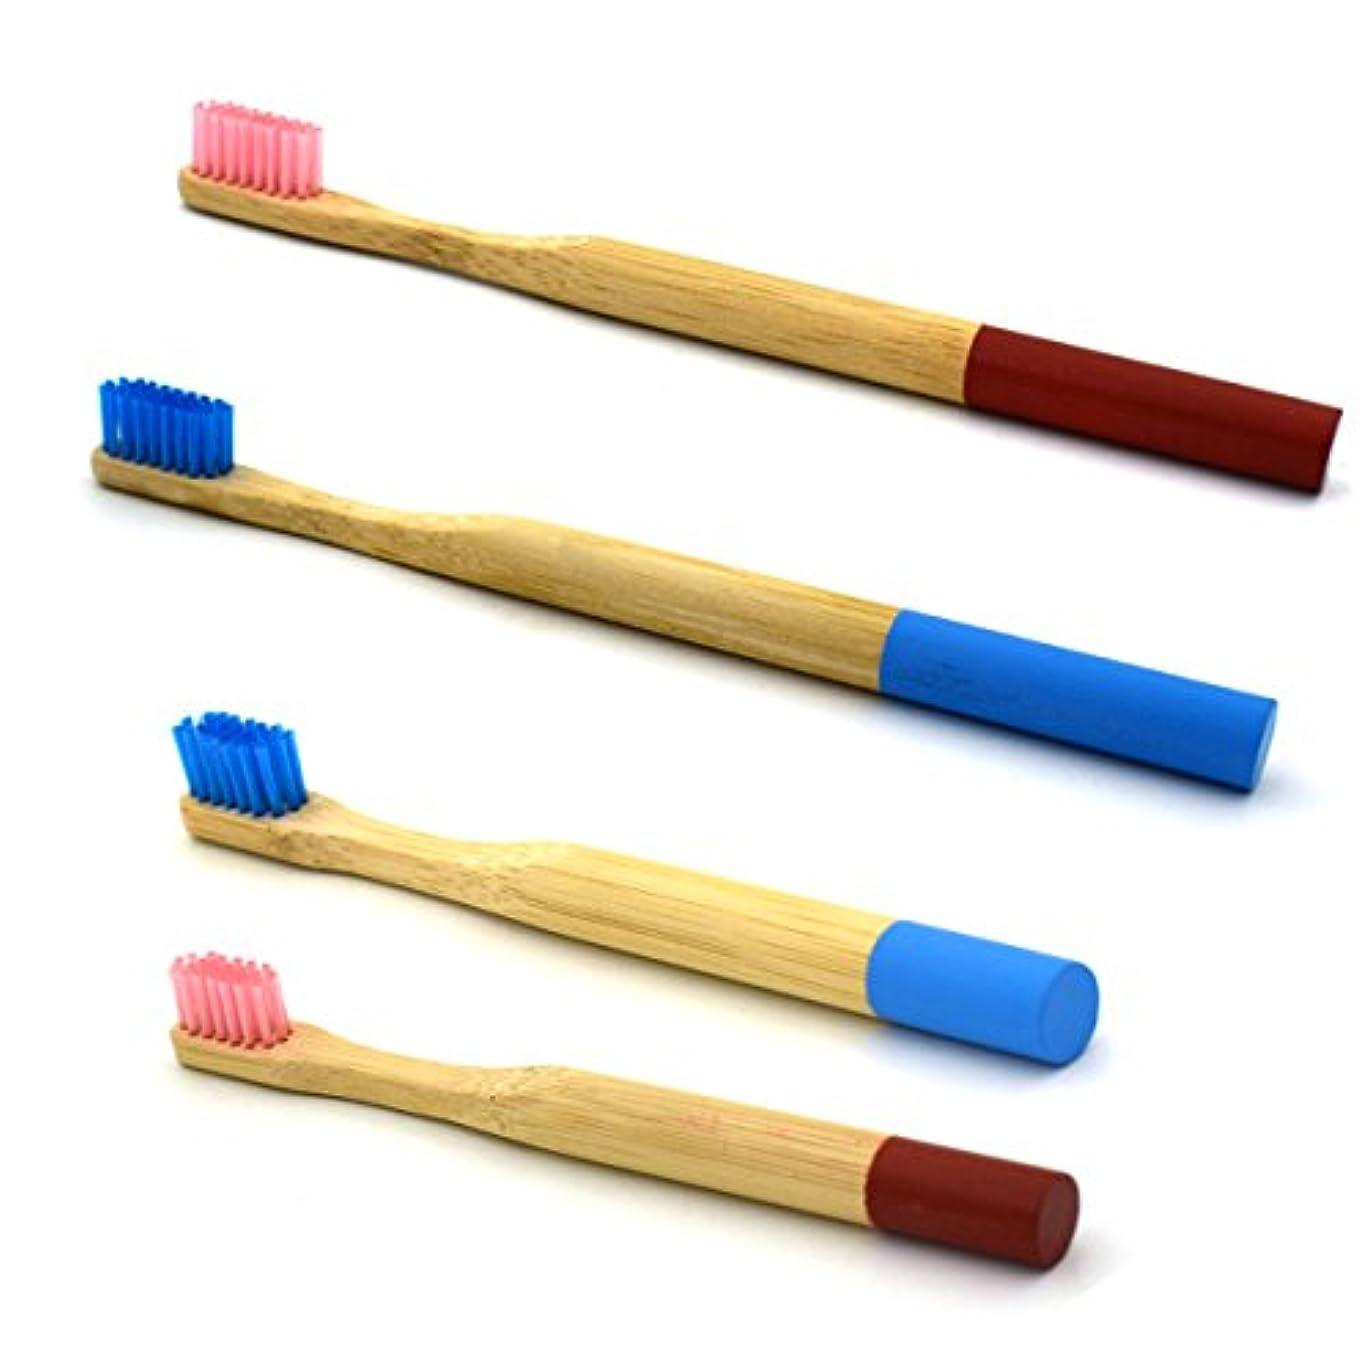 スカリー玉恩恵ROSENICE 竹の歯ブラシ2つのペアラウンドハンドル自然の竹エコフレンドリーな柔らかい旅行の歯ブラシ(青とピンク) - 大人と子供